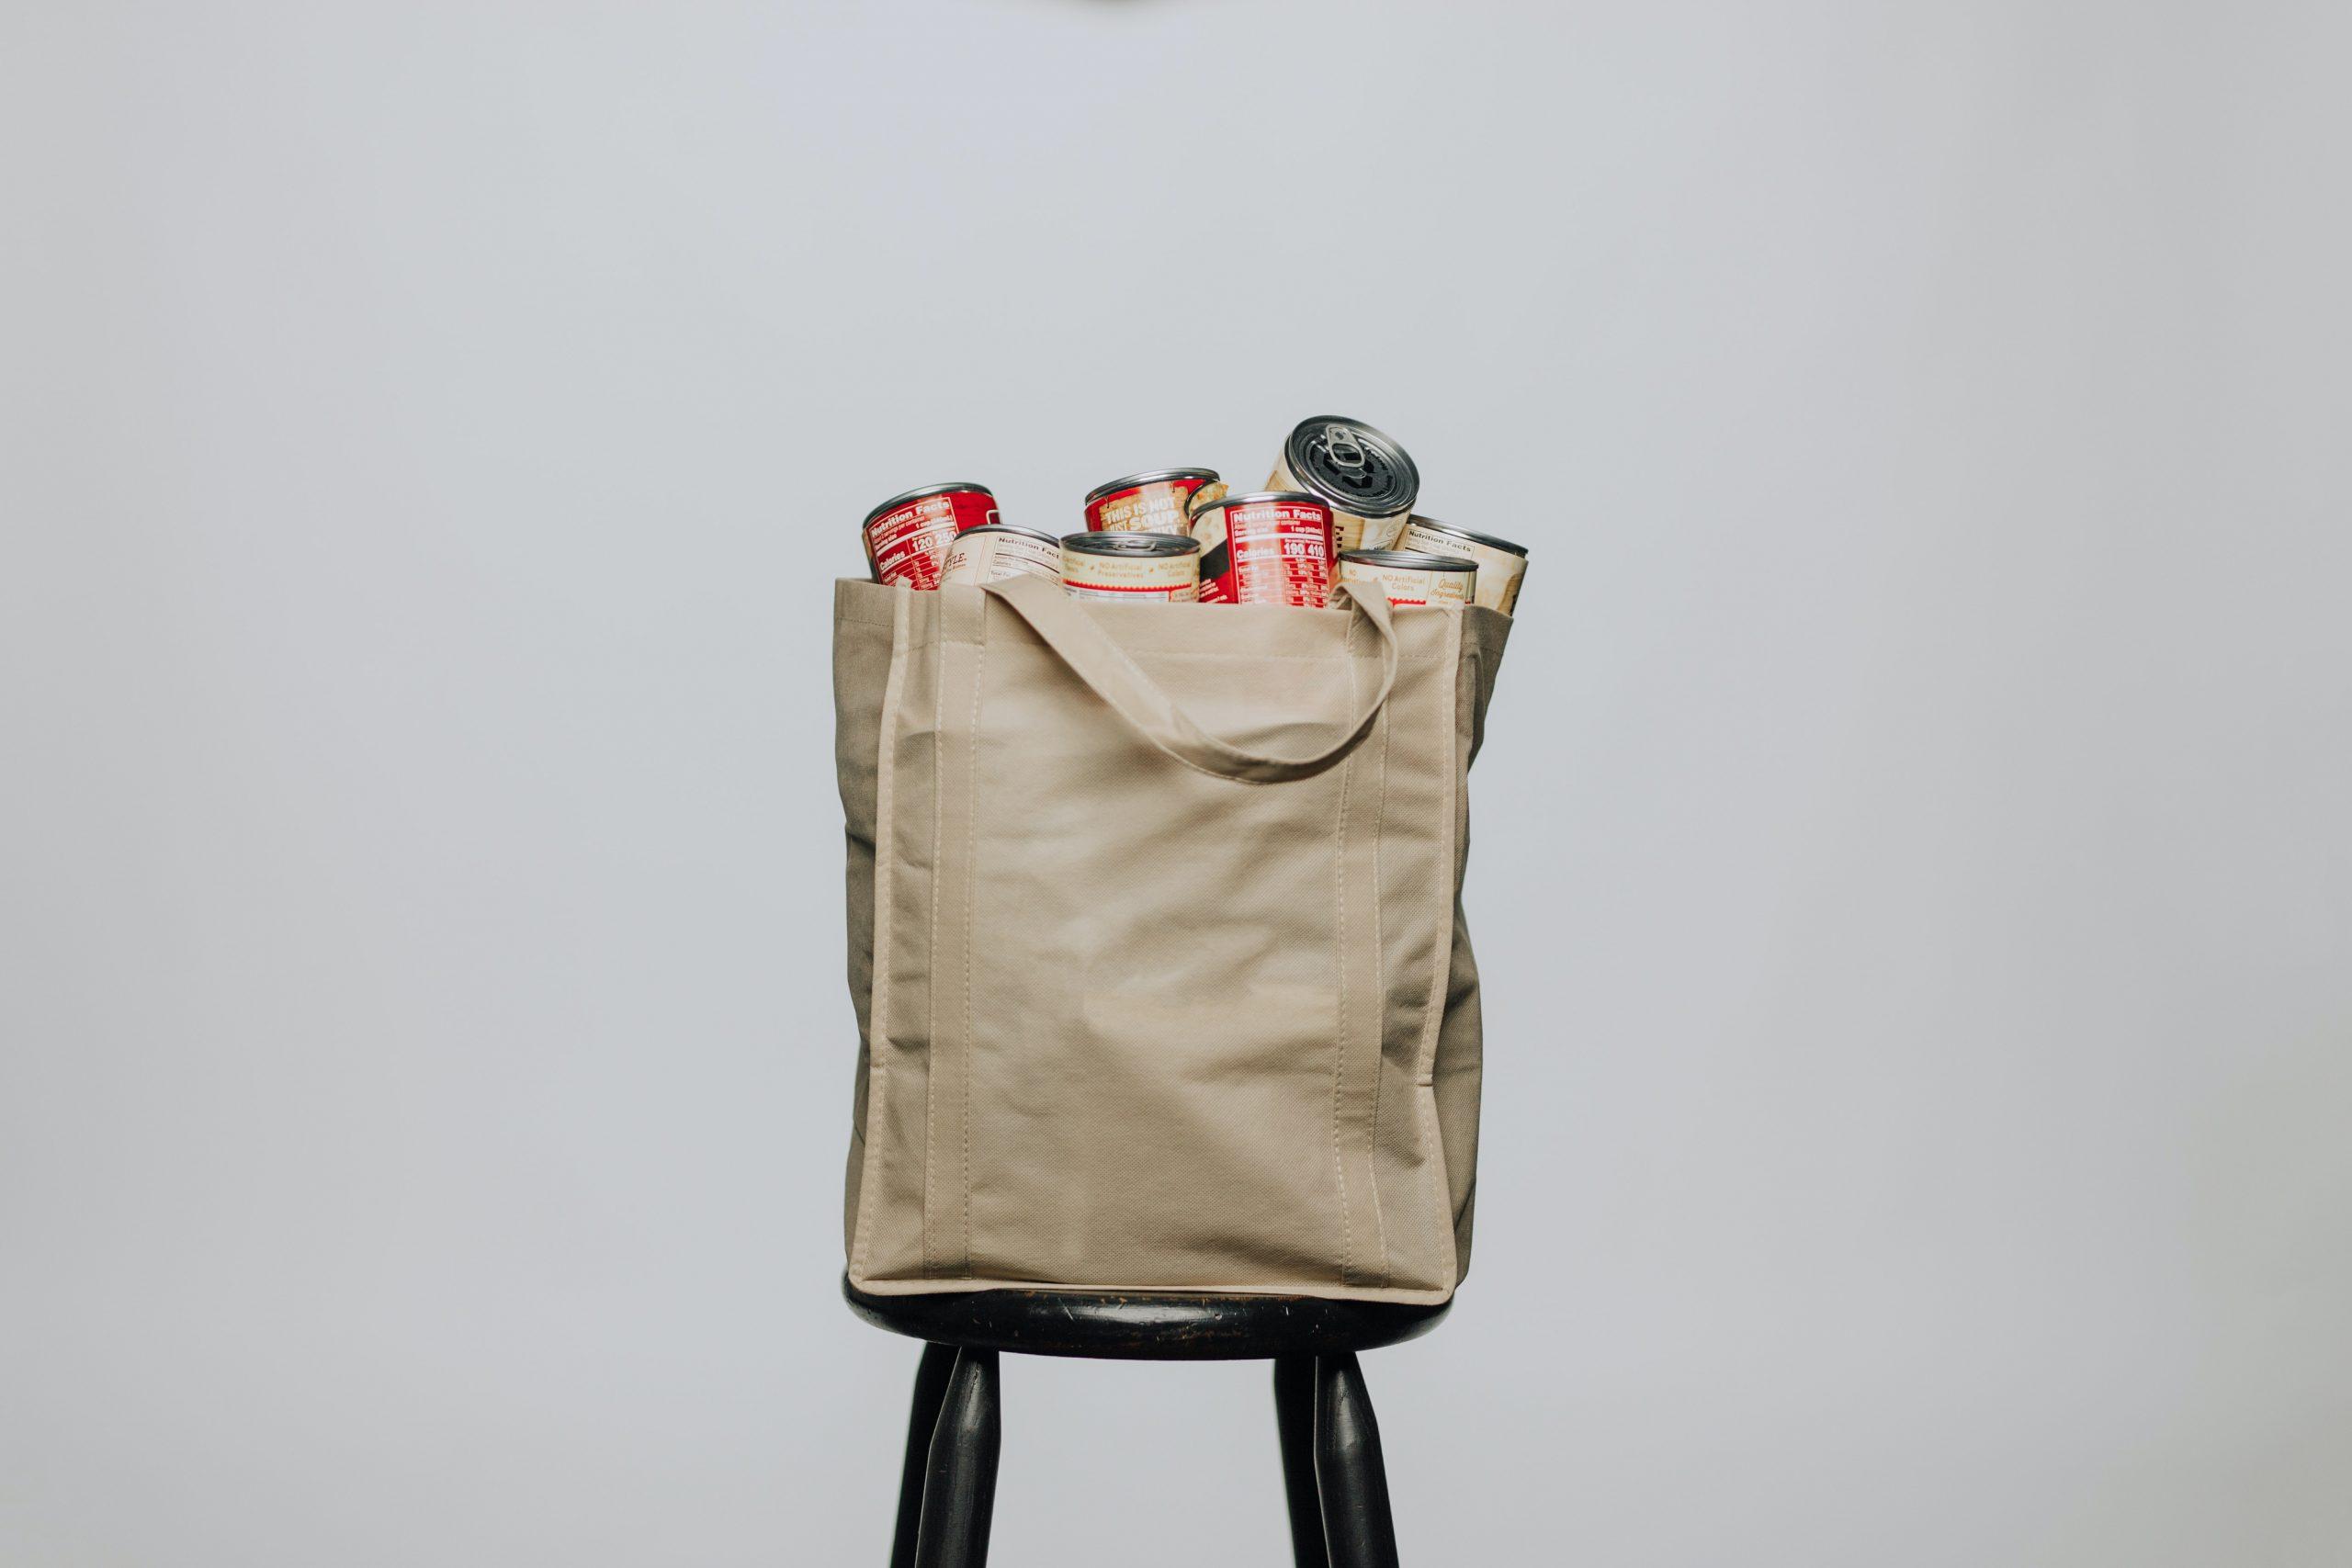 Gør reklame for din virksomhed med smarte muleposer med tryk og logo